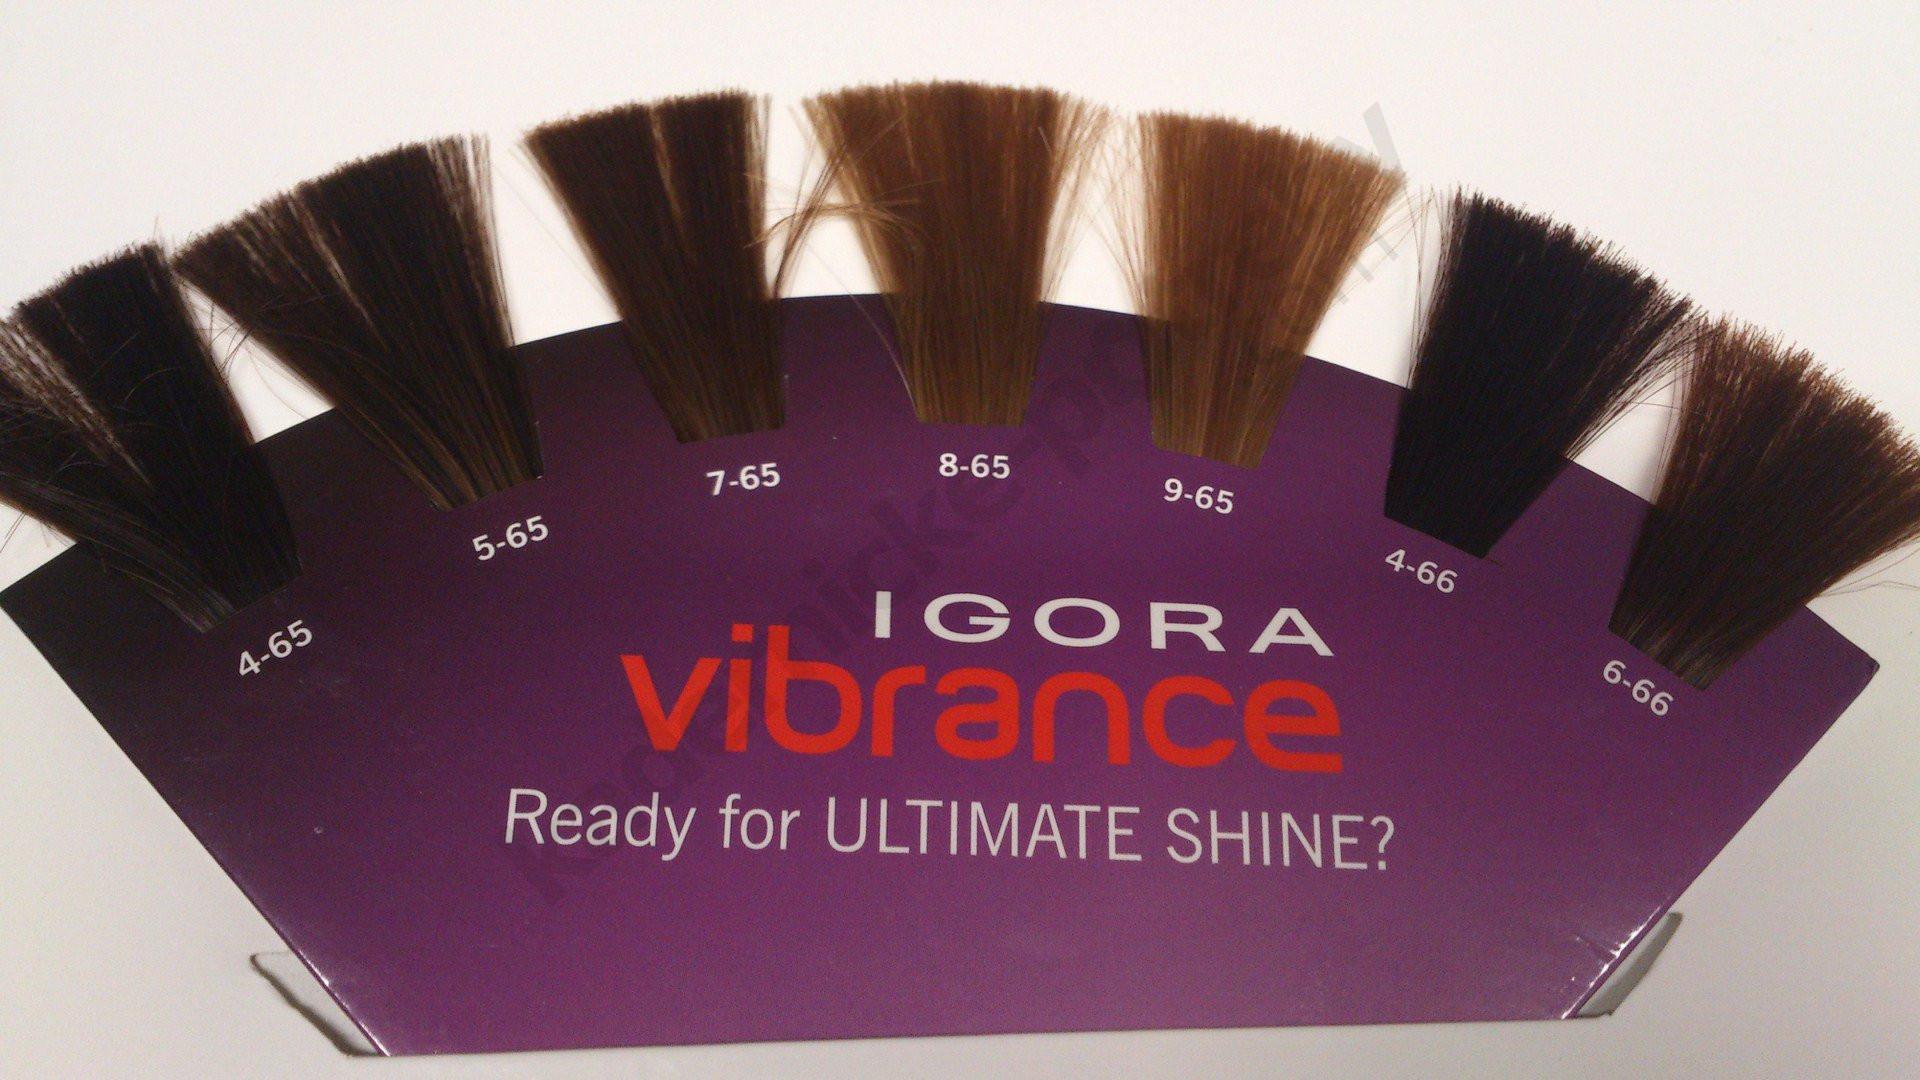 Игора вайбранс краска палитра цветов фото на волосах